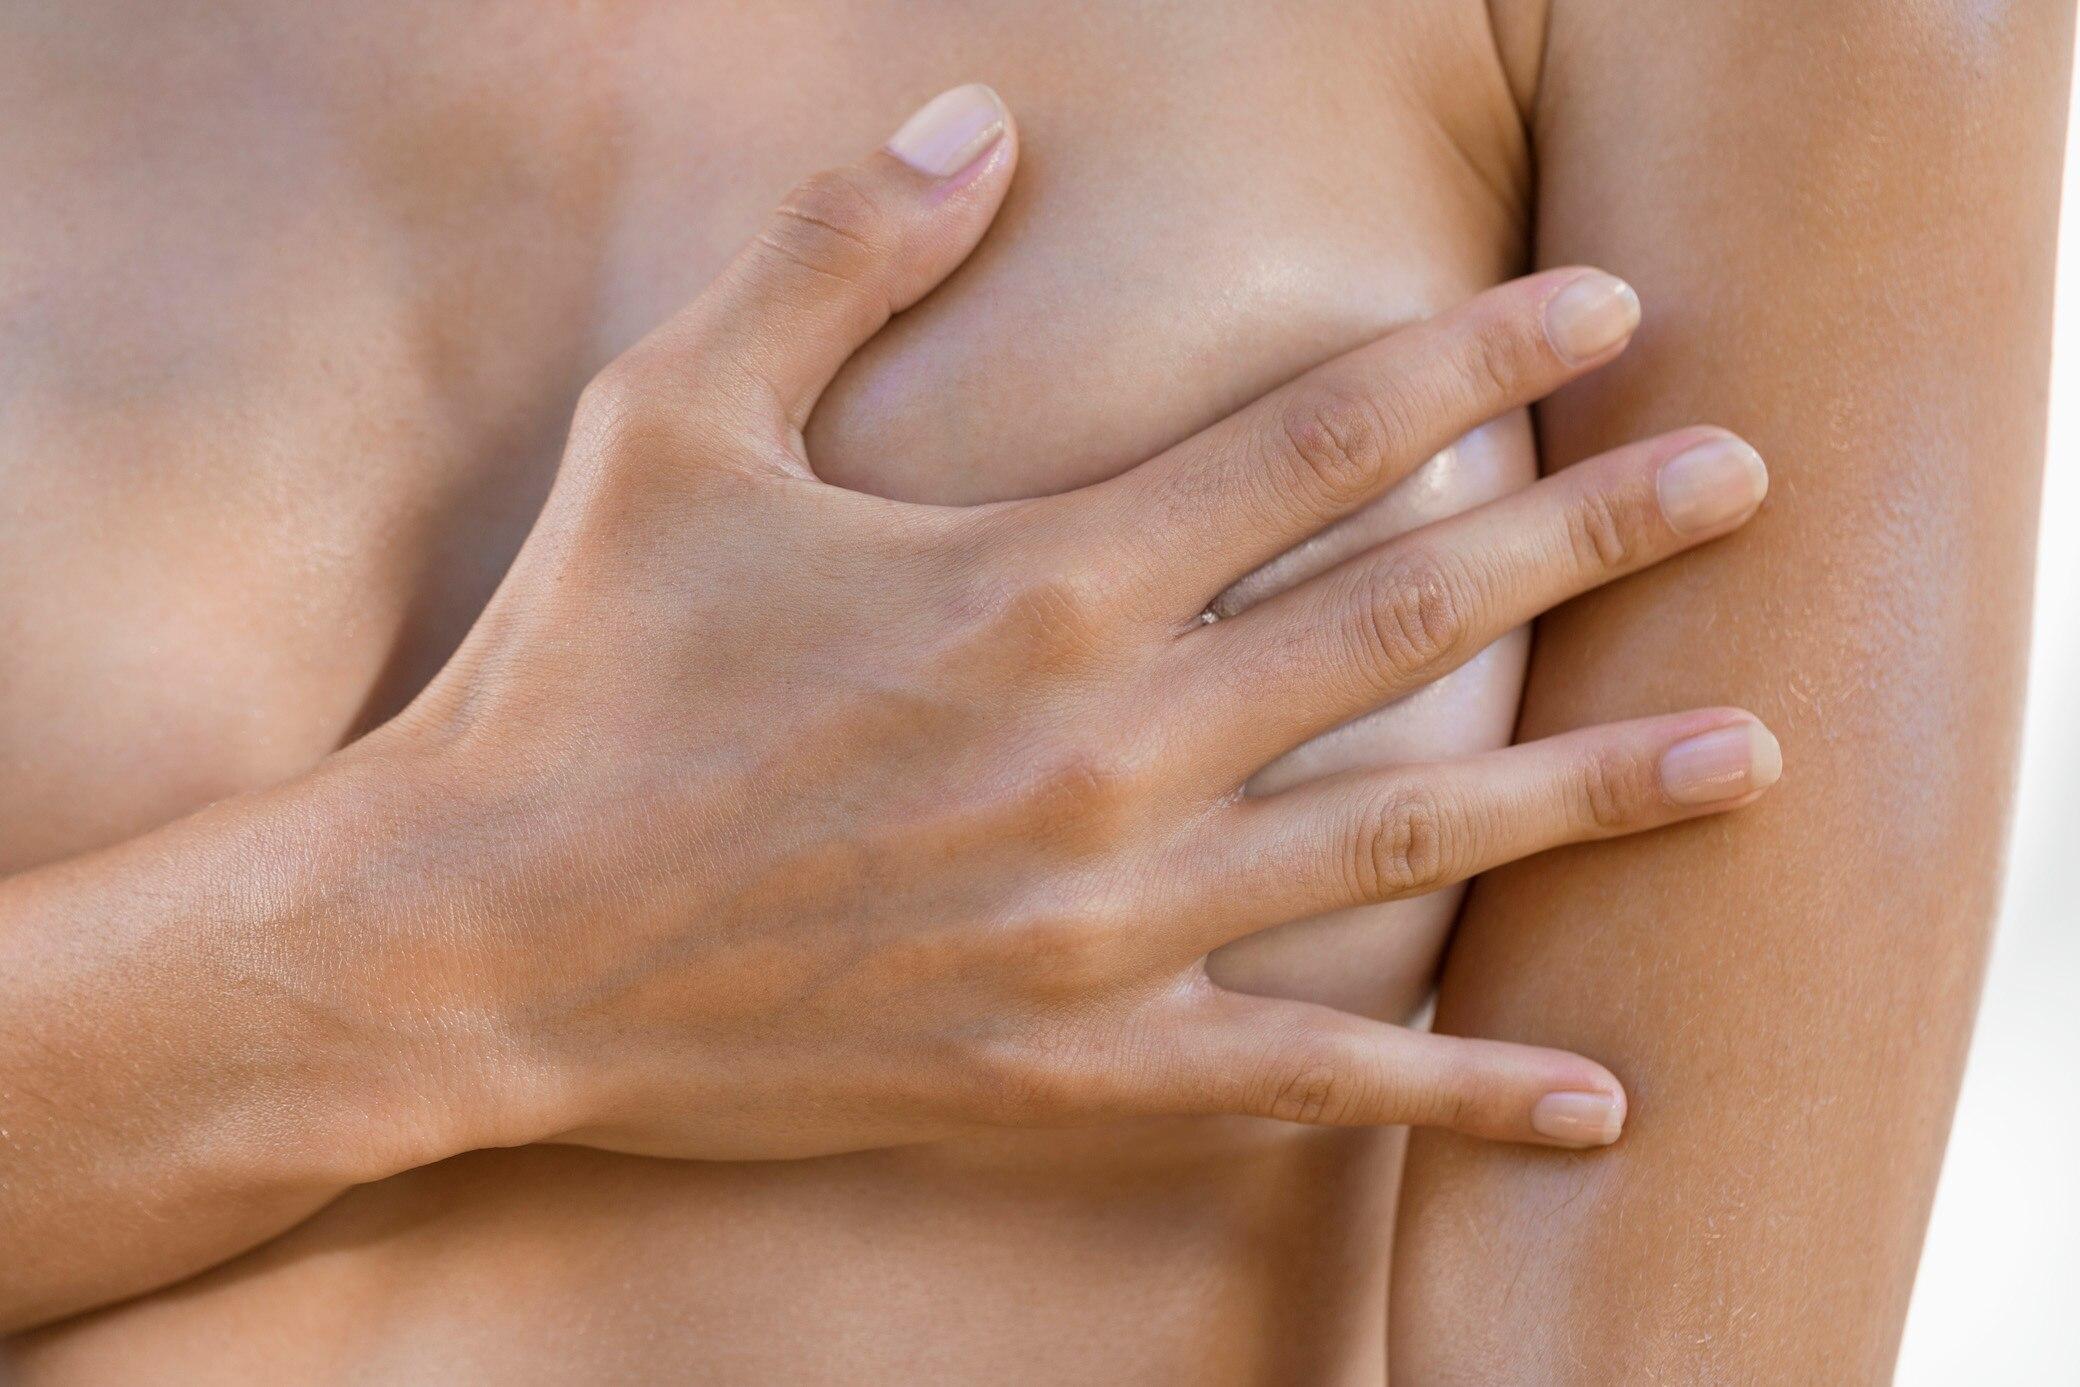 grosse brüsten